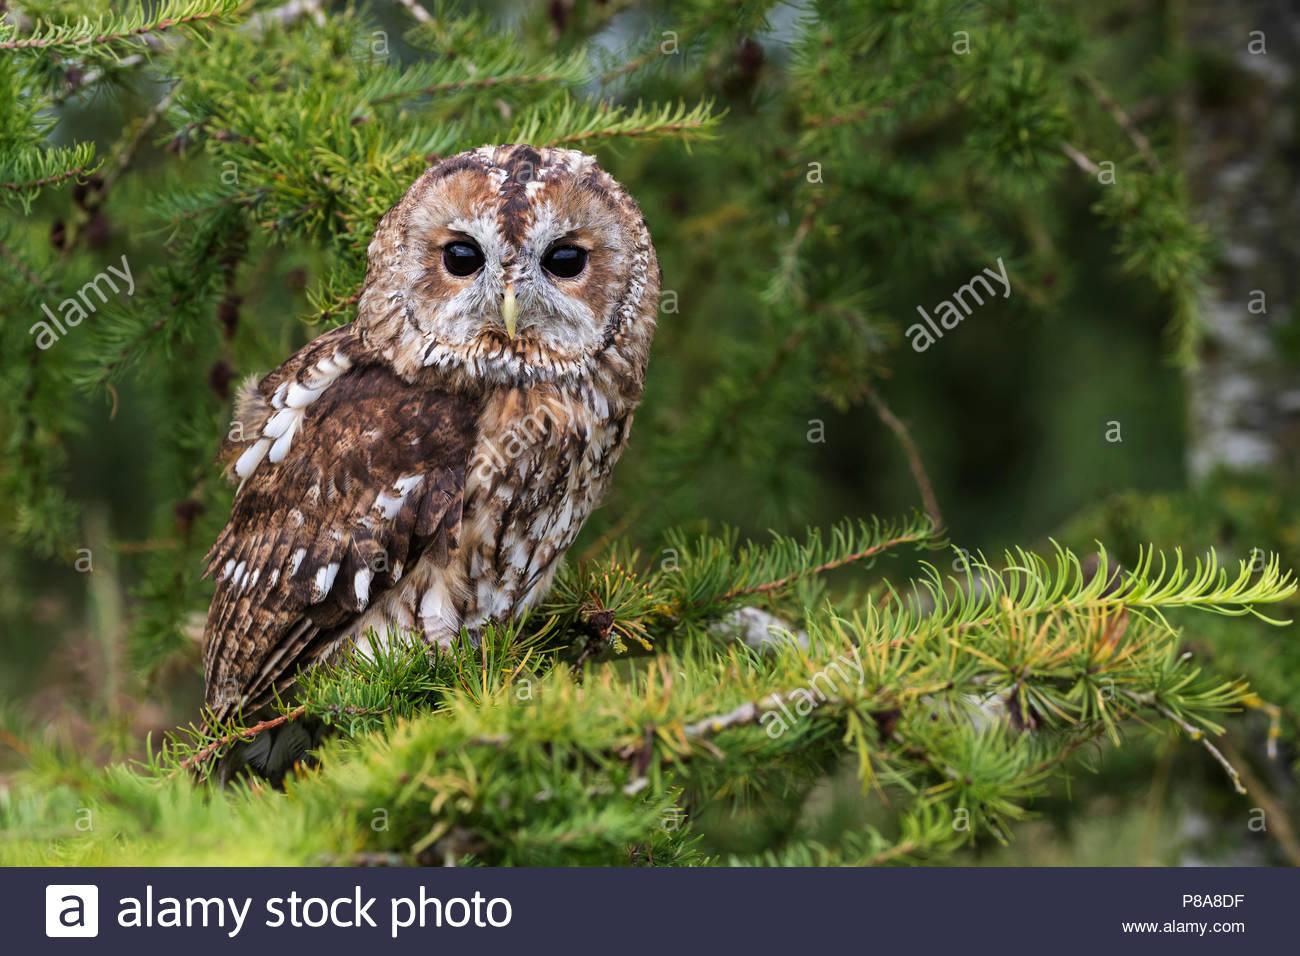 Tawny owl (Strix aluco), captive, Cumbria, UK, August 2017 - Stock Image